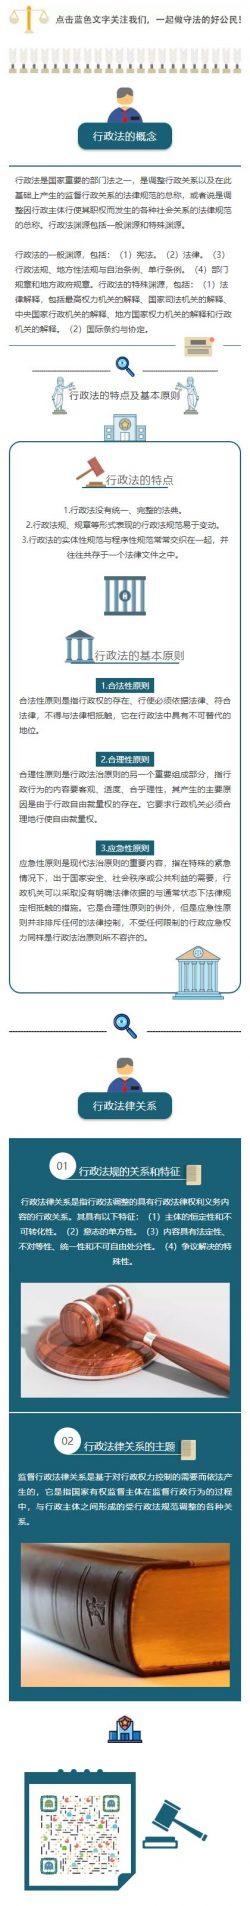 行政法行政主体行使其职权法律政府规章党政机关